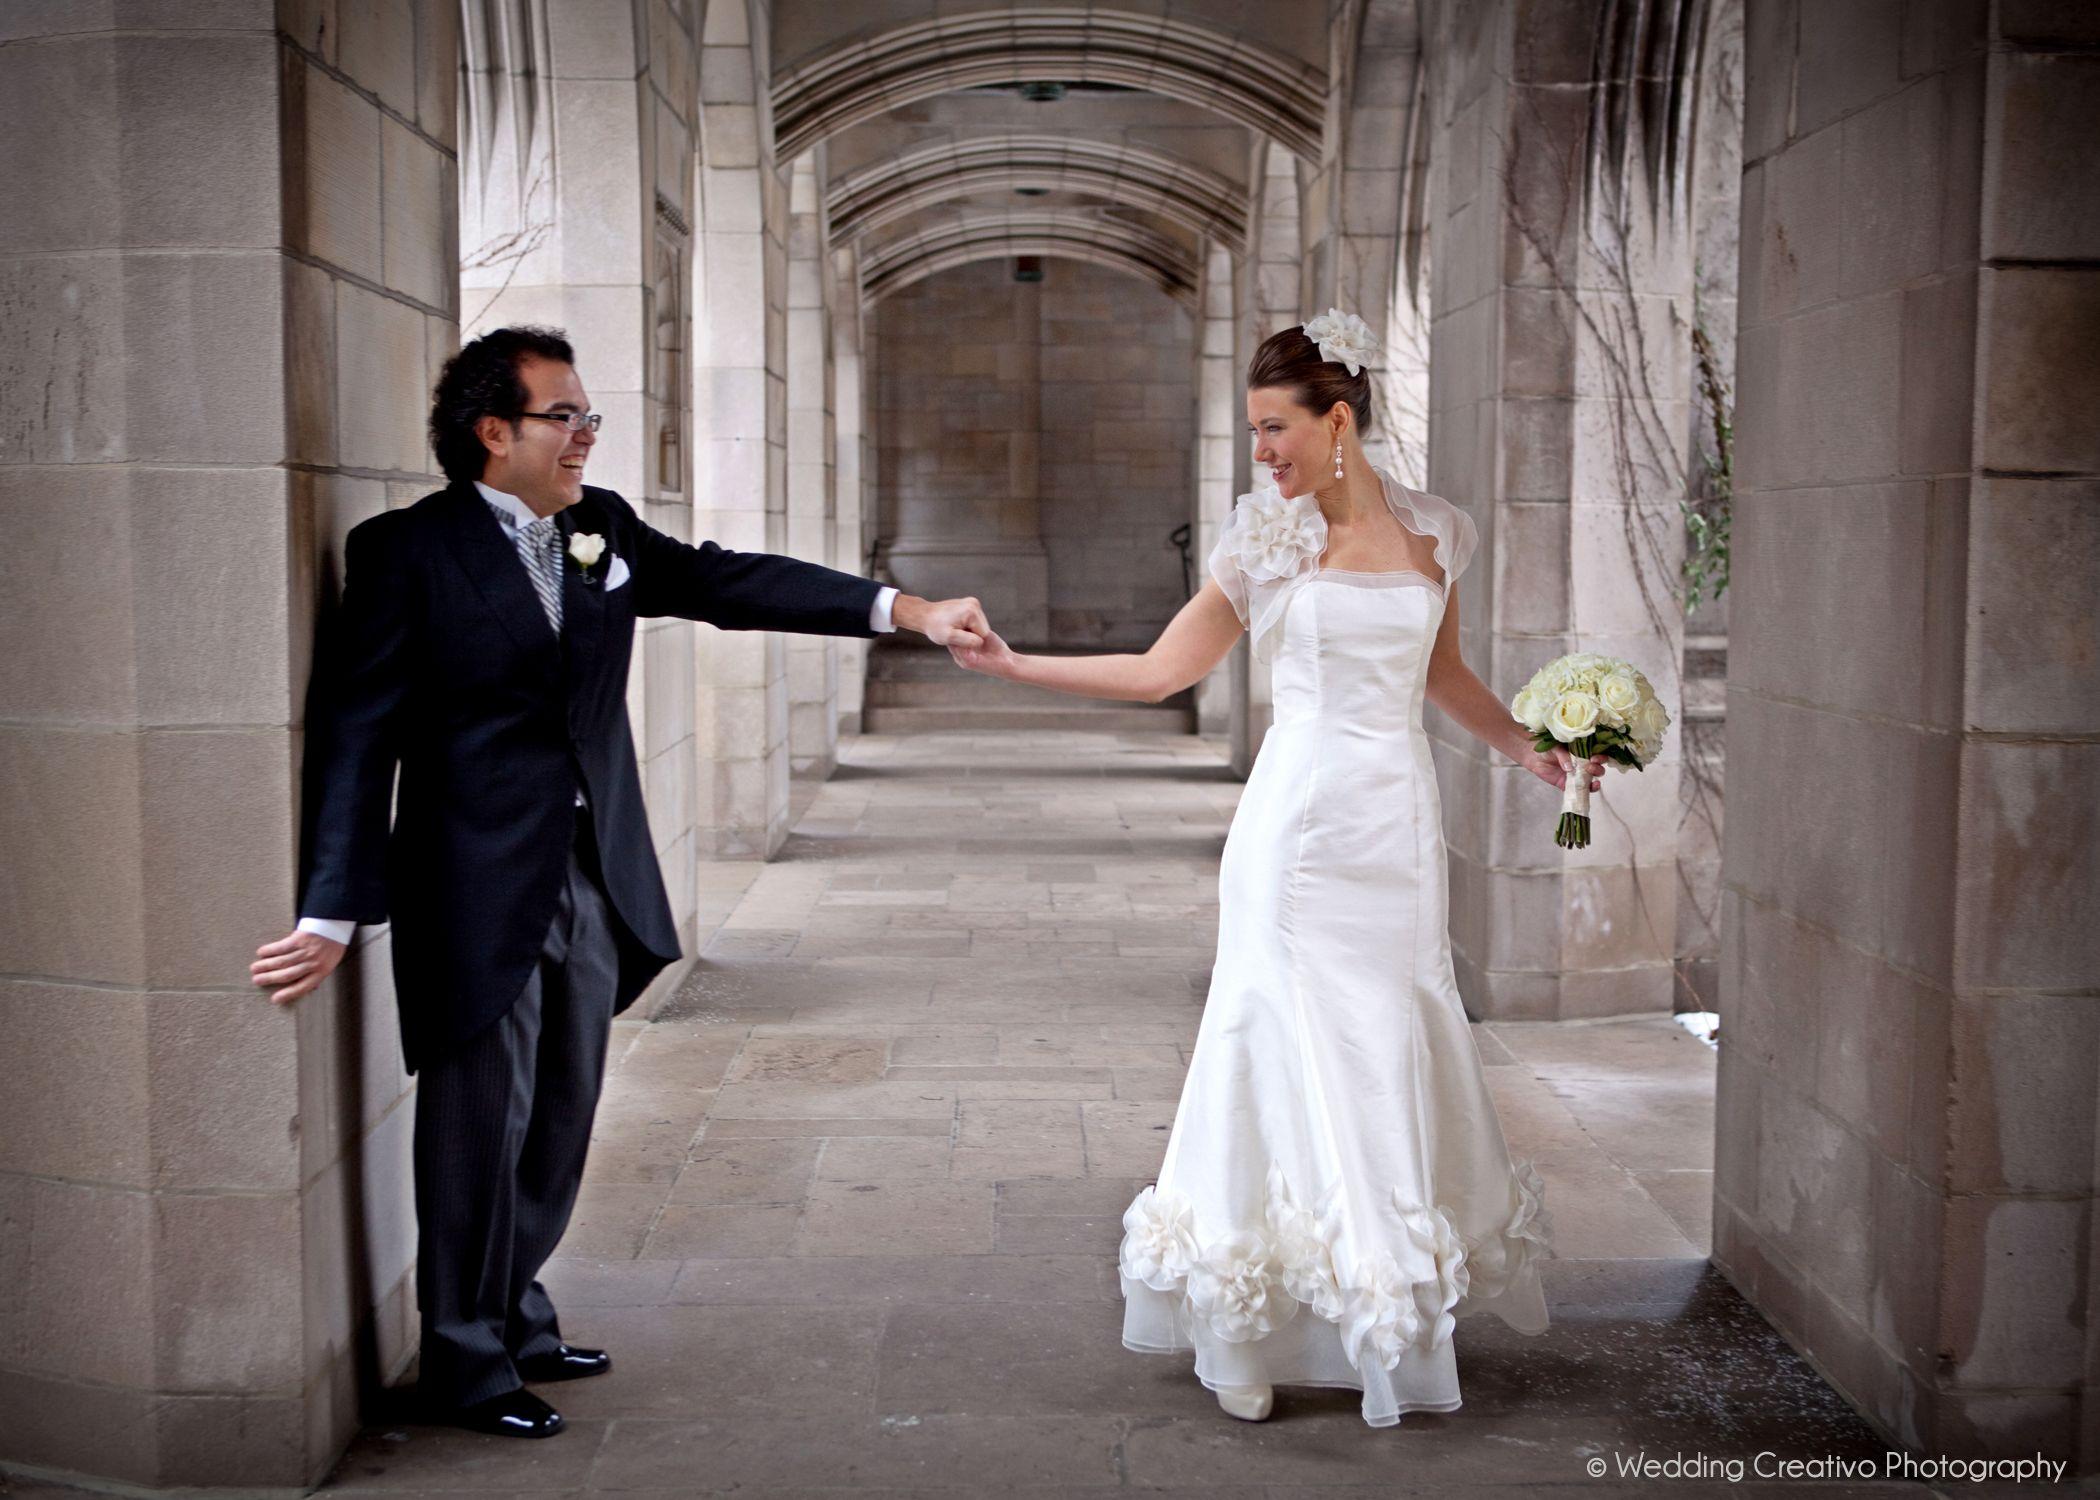 Alice wedding dresses chicago